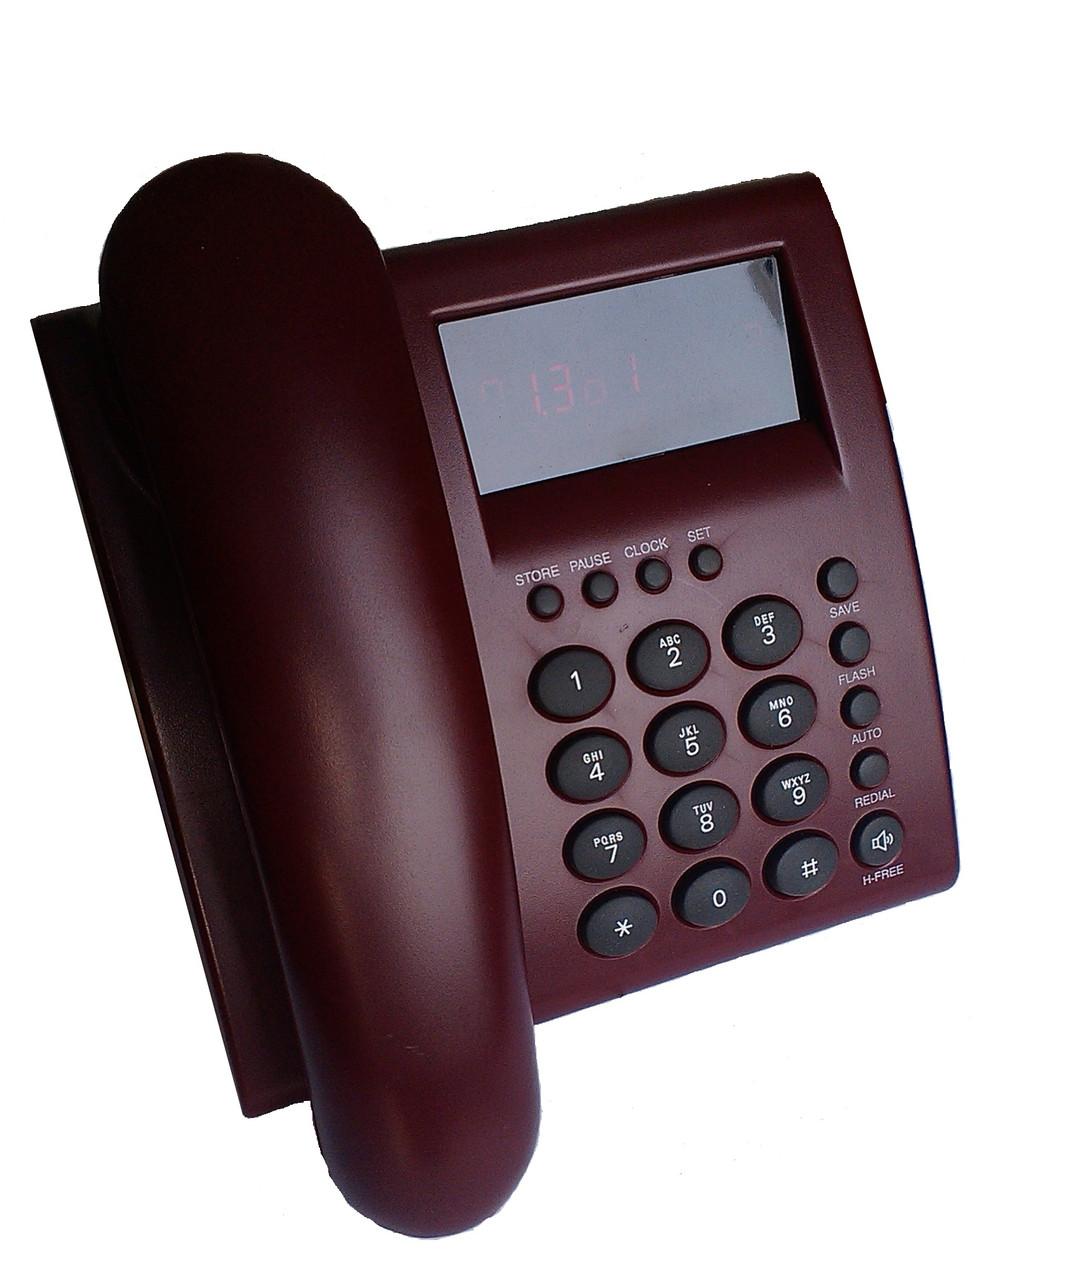 11717aab562b0 Многофункциональный телефон с АОН Русь-28(Соната) - cid_call в Харькове